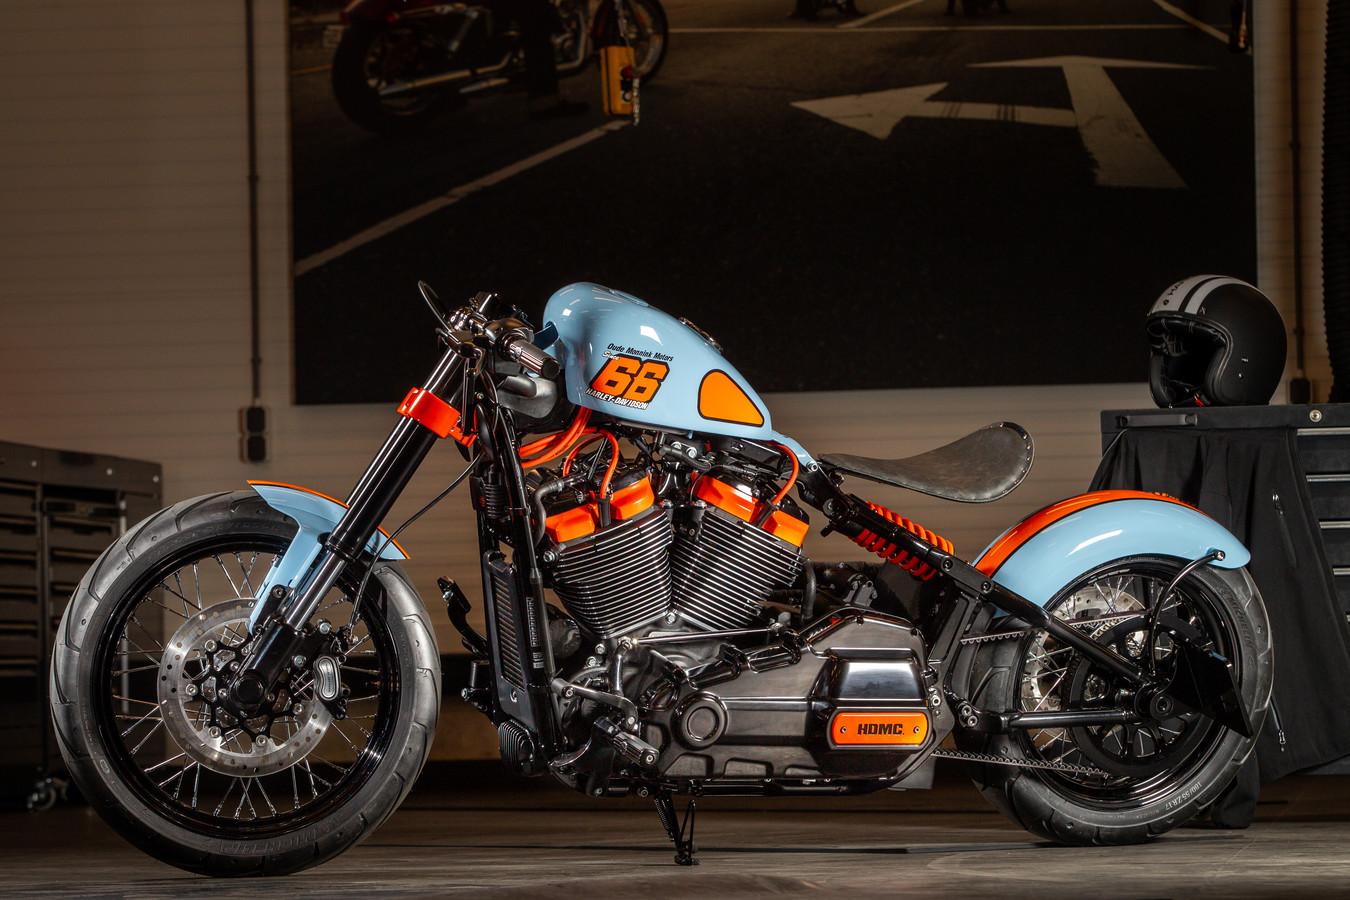 De winnende Harley-Davidson van Oude Monnink Motors uit Borne.